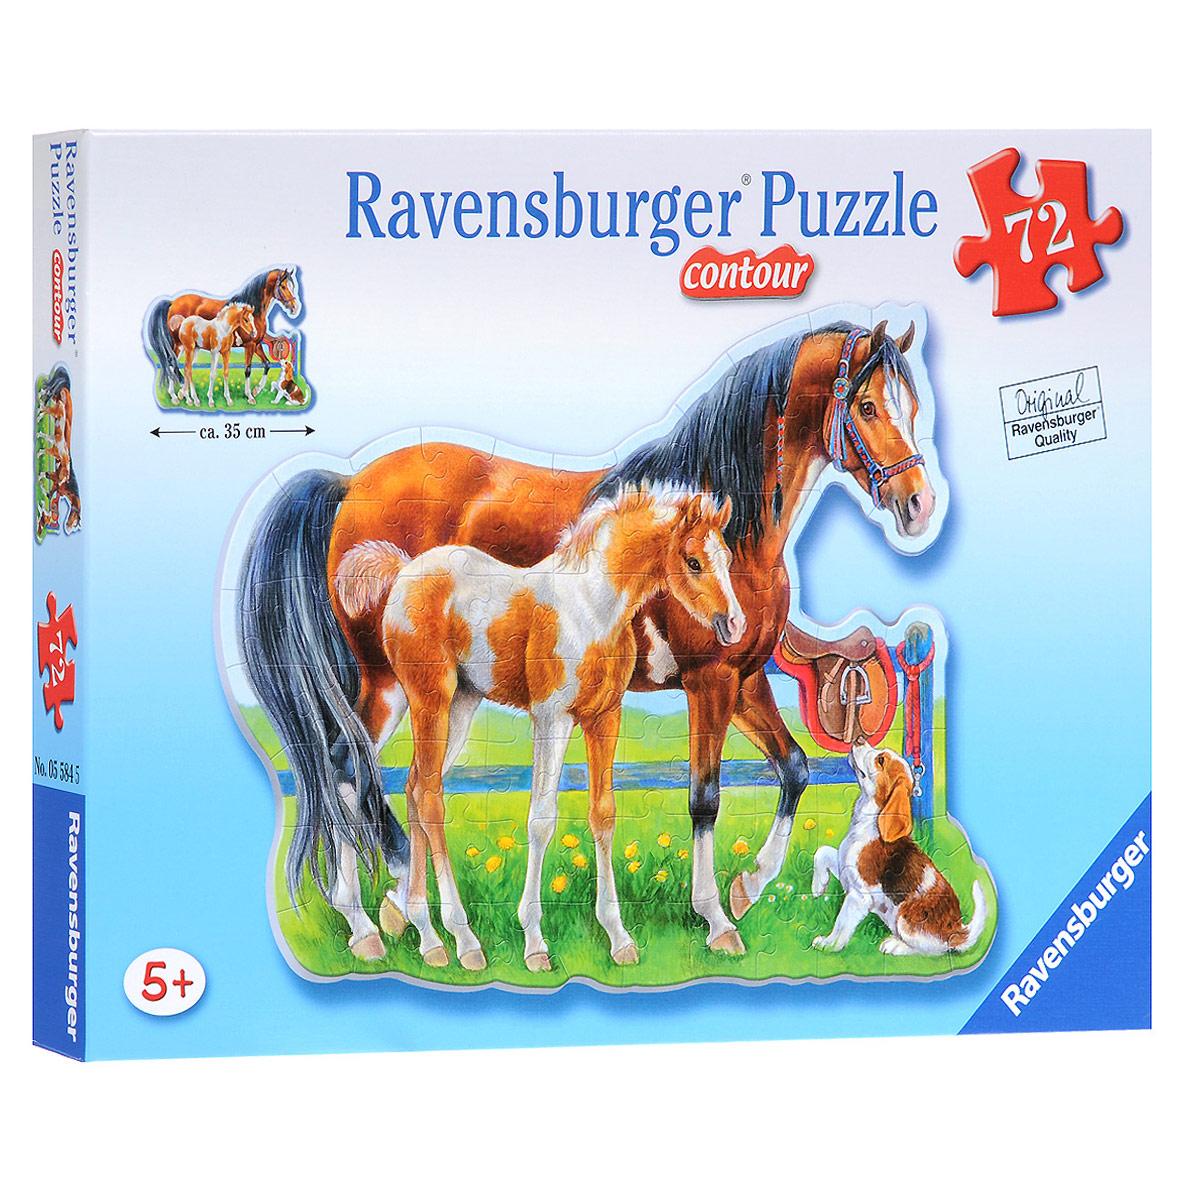 Ravensburger Лошади. Пазл контурный, 72 элемента05584Контурный пазл Ravensburger Лошади, без сомнения, придется по душе вашему малышу. На пазле представлены лошадь, жеребенок и собачка. Благодаря особой контурной форме пазла, складывать картинки стало еще интереснее! Представленный пазл Лошади, состоящий из 72 элементов, порадует вас и вашего ребенка красивой картинкой, качественной полиграфией и идеальной стыковкой элементов, изготовленных из плотного картона и не деформируюшихся при сборке. Собирать пазлы от Ravensburger можно снова и снова! Собирание пазла развивает мелкую моторику у ребенка, тренирует наблюдательность, логическое мышление, знакомит с окружающим миром, с цветом и разнообразными формами. С пазлами от Ravensburger Ваш ребенок будет весело и с пользой проводить свое свободное время!